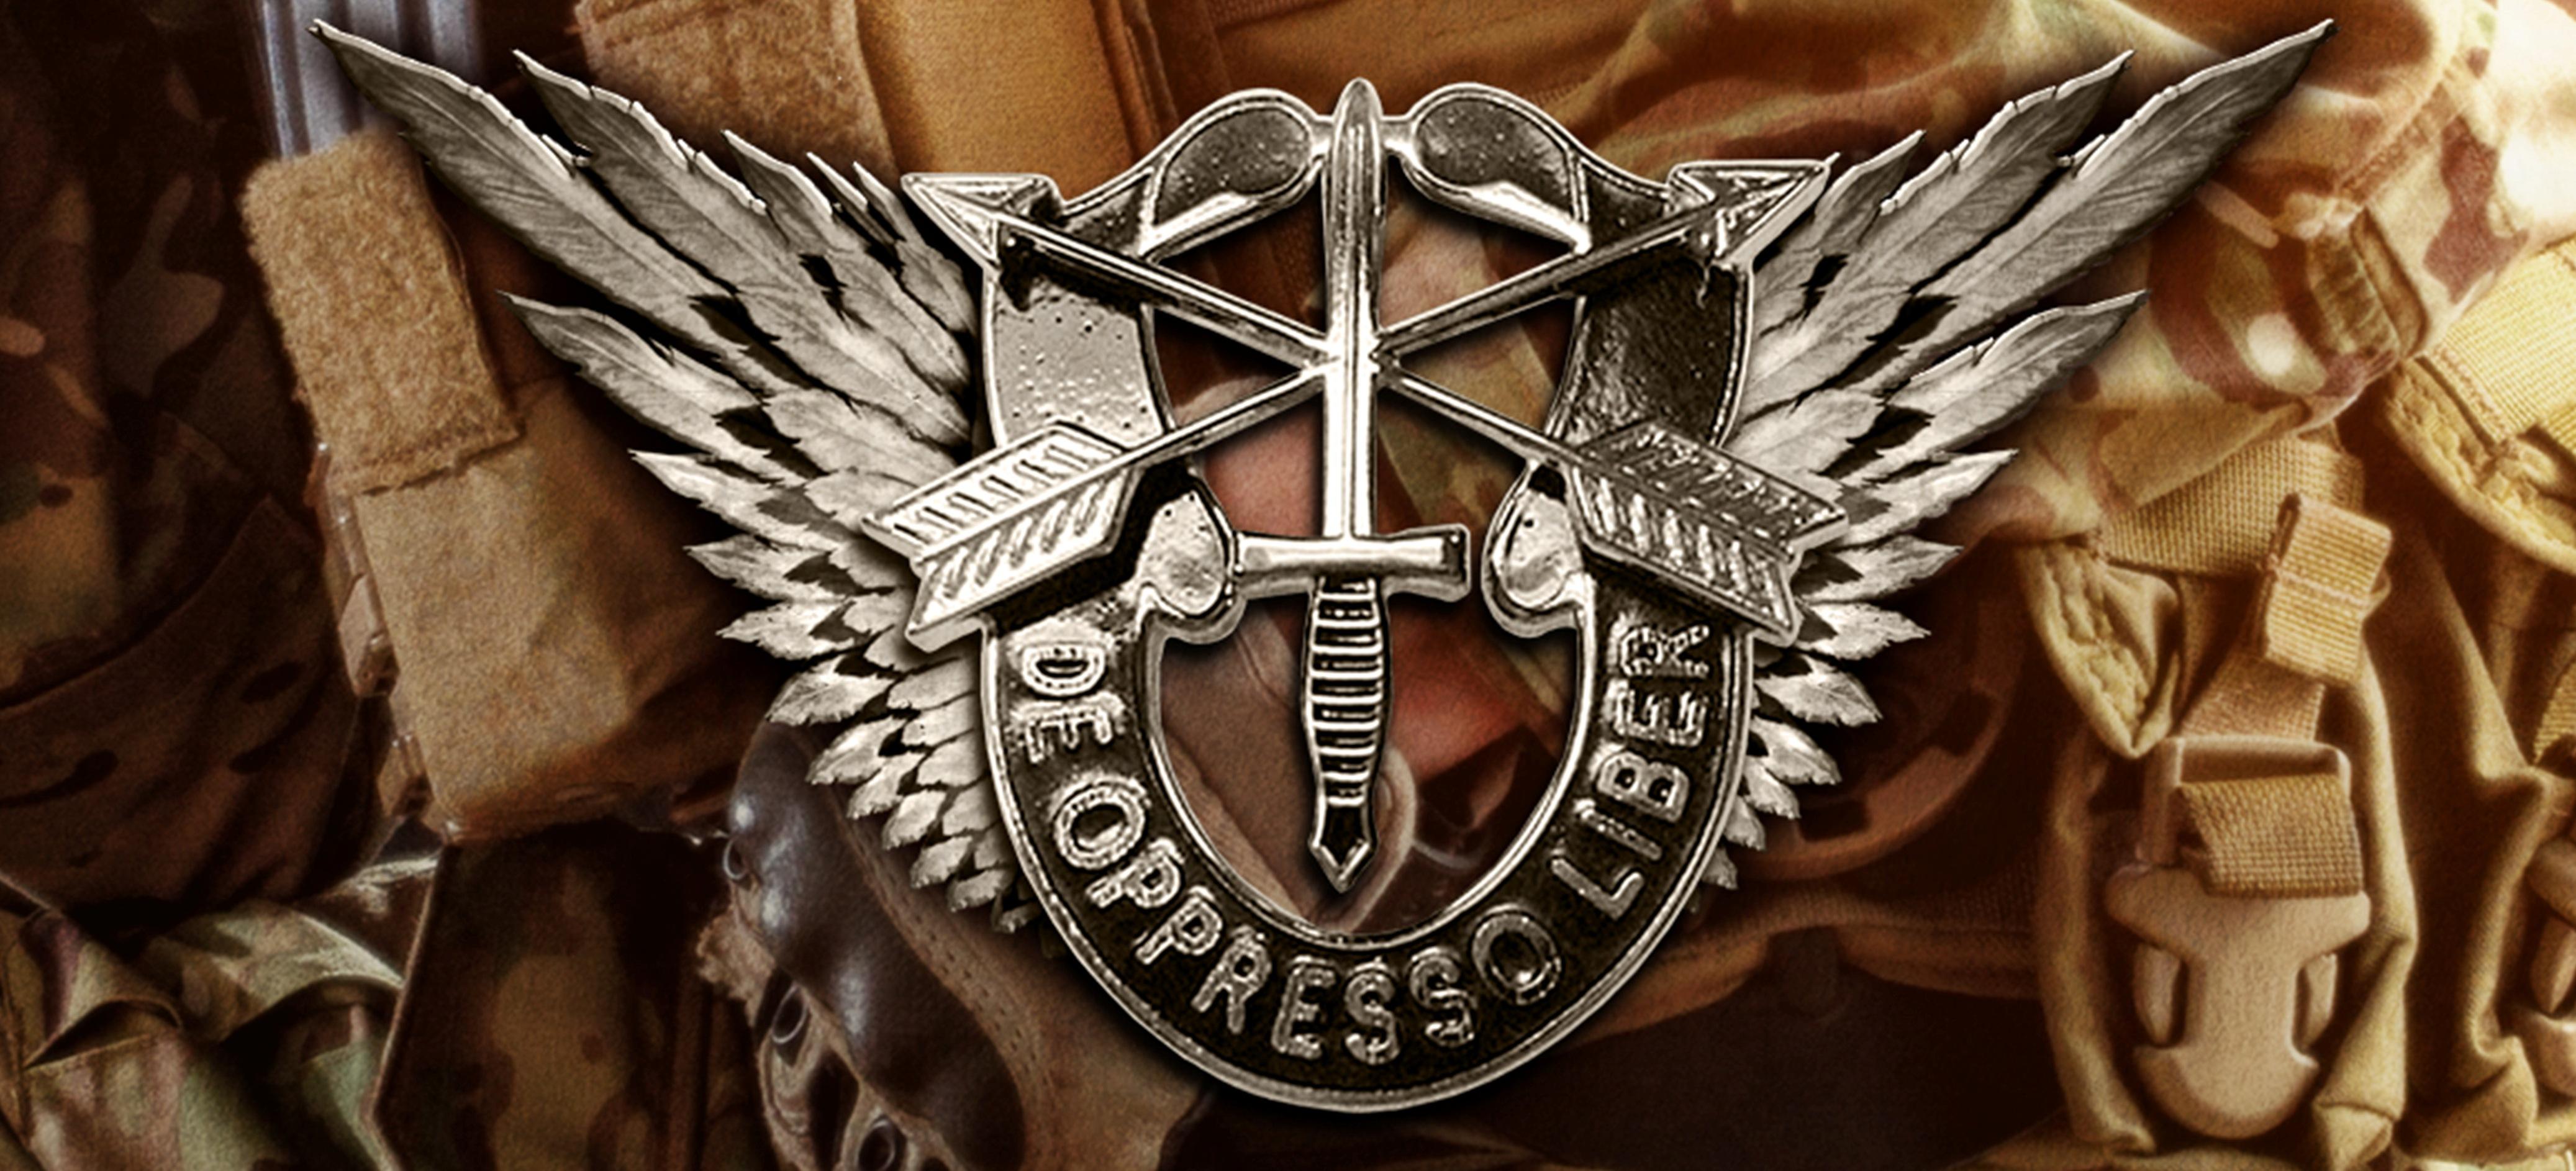 pics for gt de oppresso liber emblem